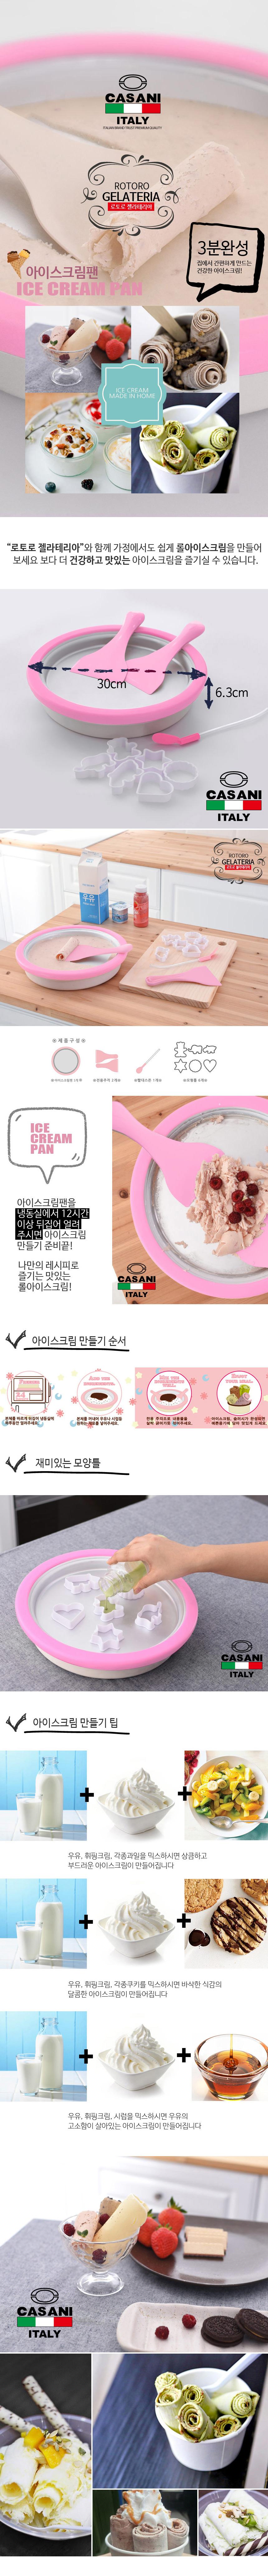 홈메이드 철판 아이스크림팬 아이스크림메이커 - 서울리빙, 43,000원, 주방소품, 싱크대용품